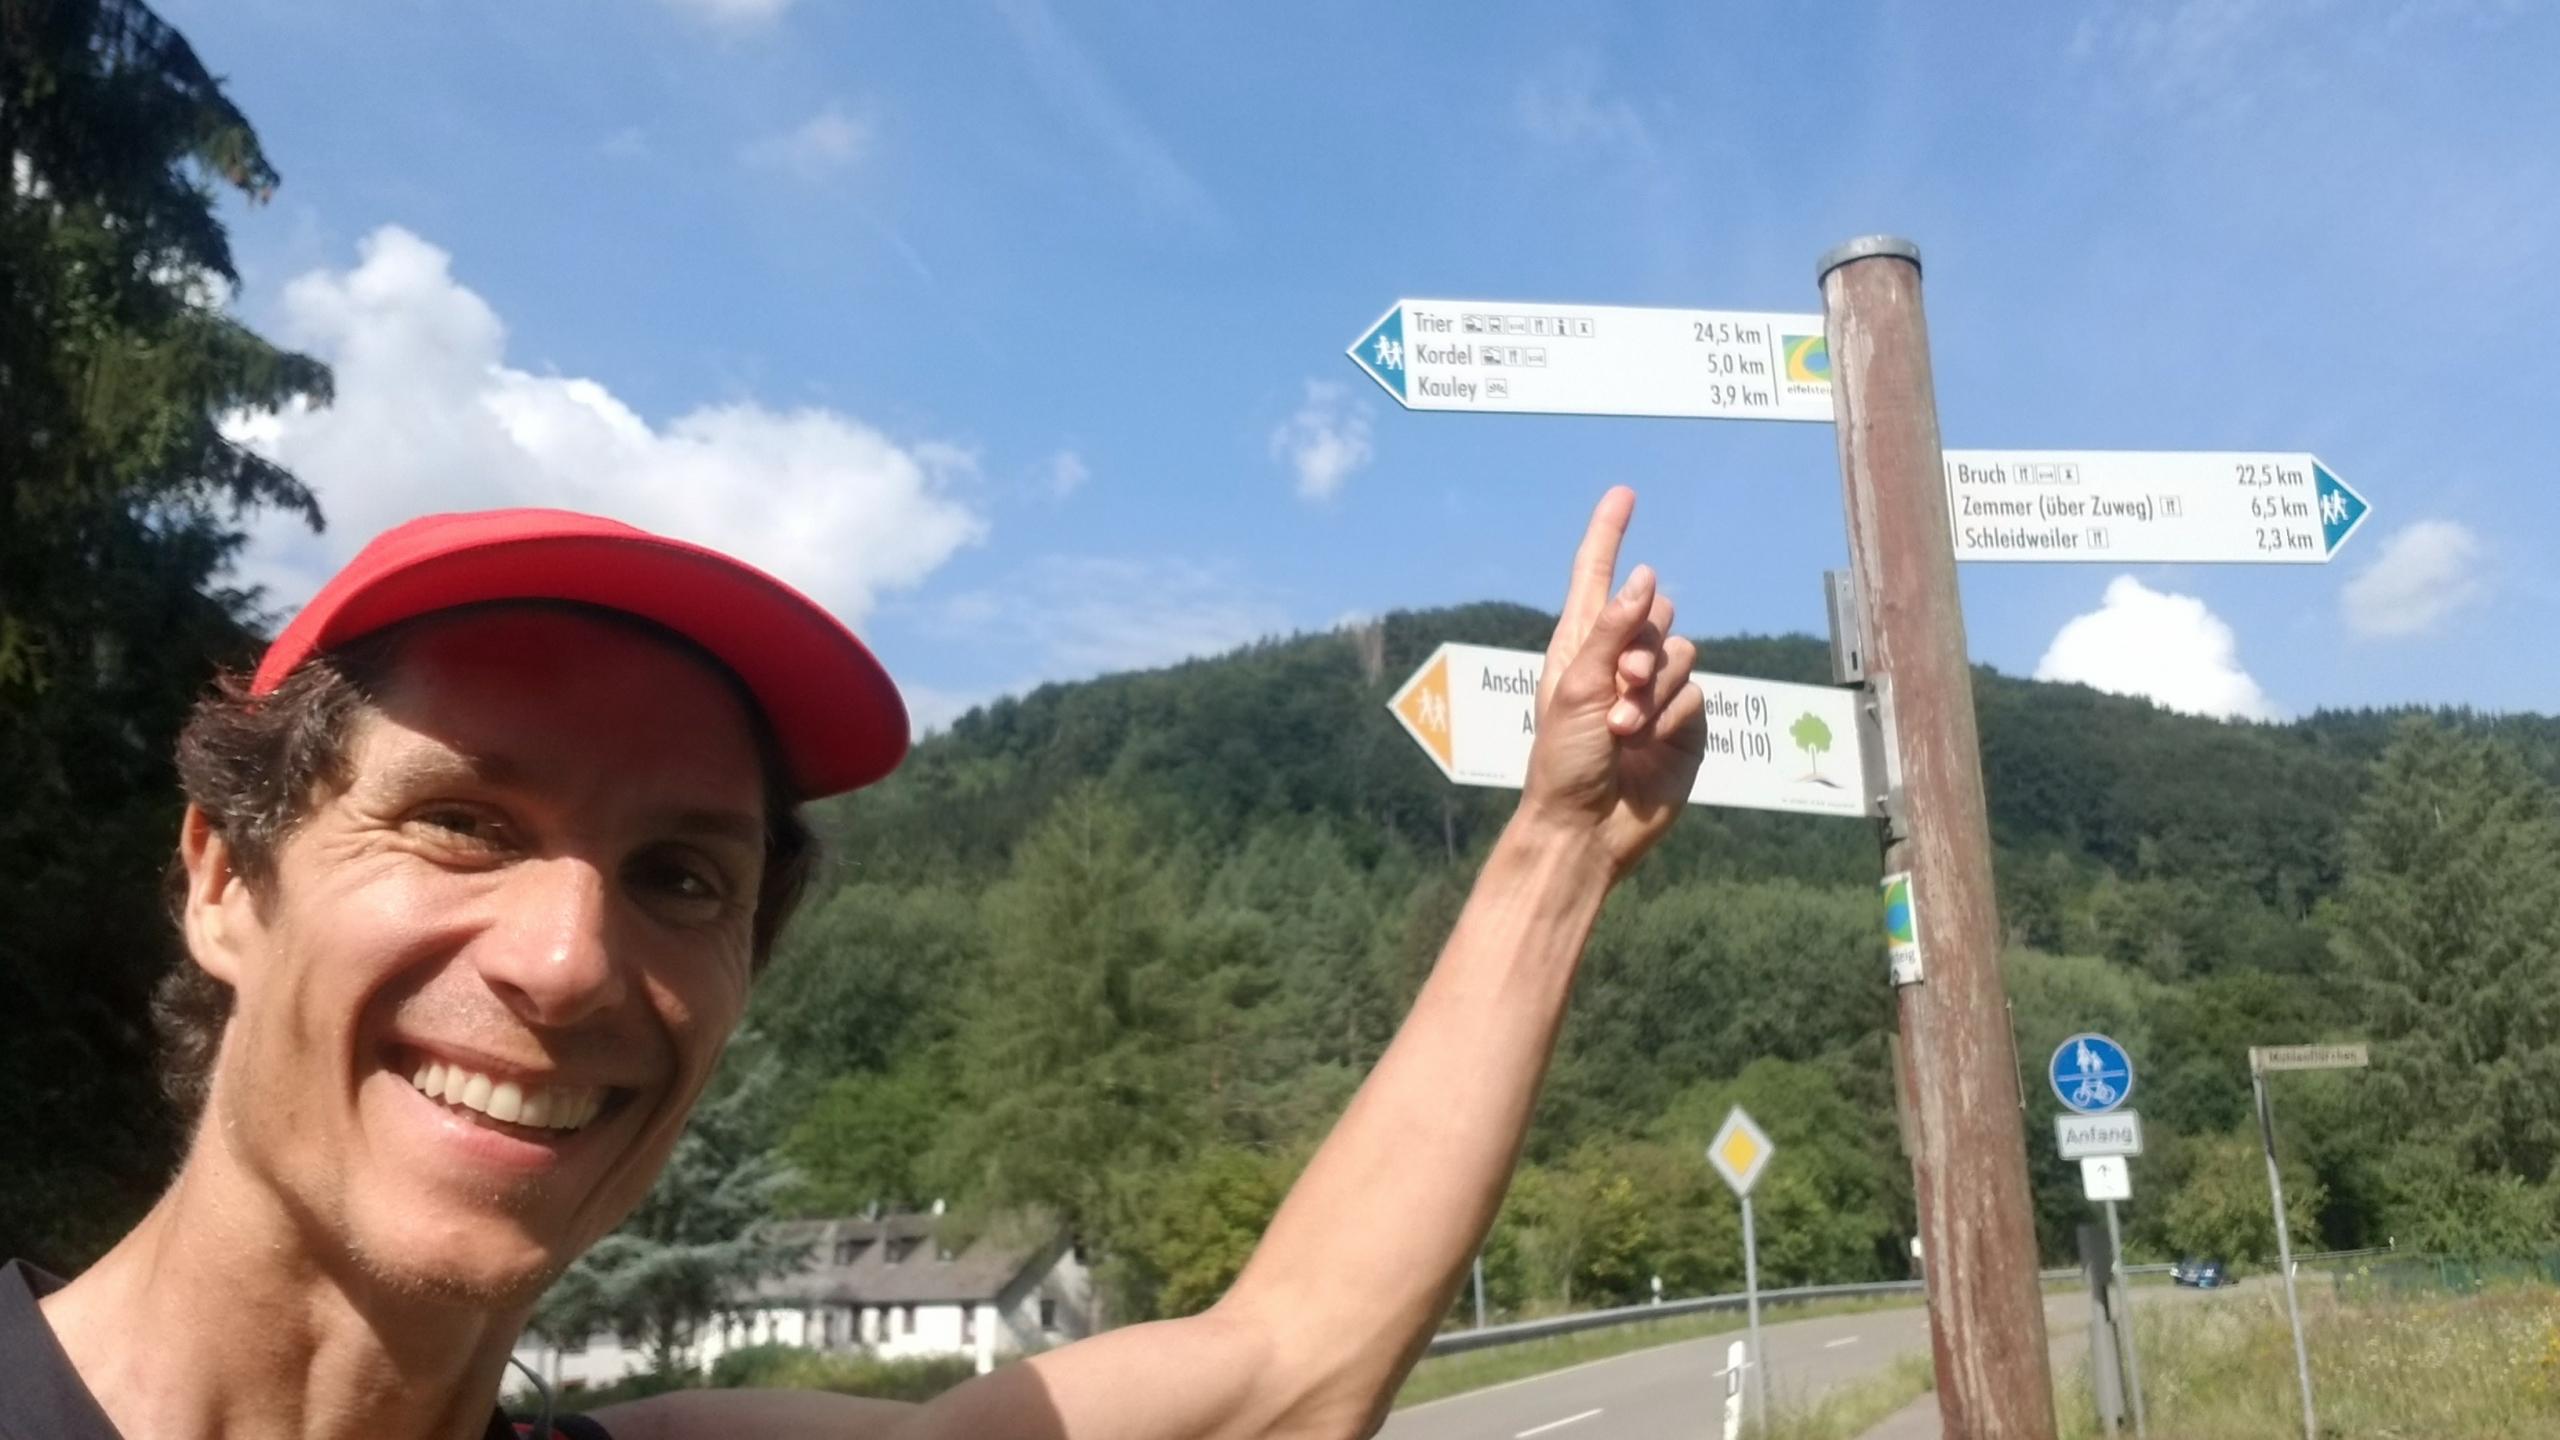 24,5 kilometres to Trier